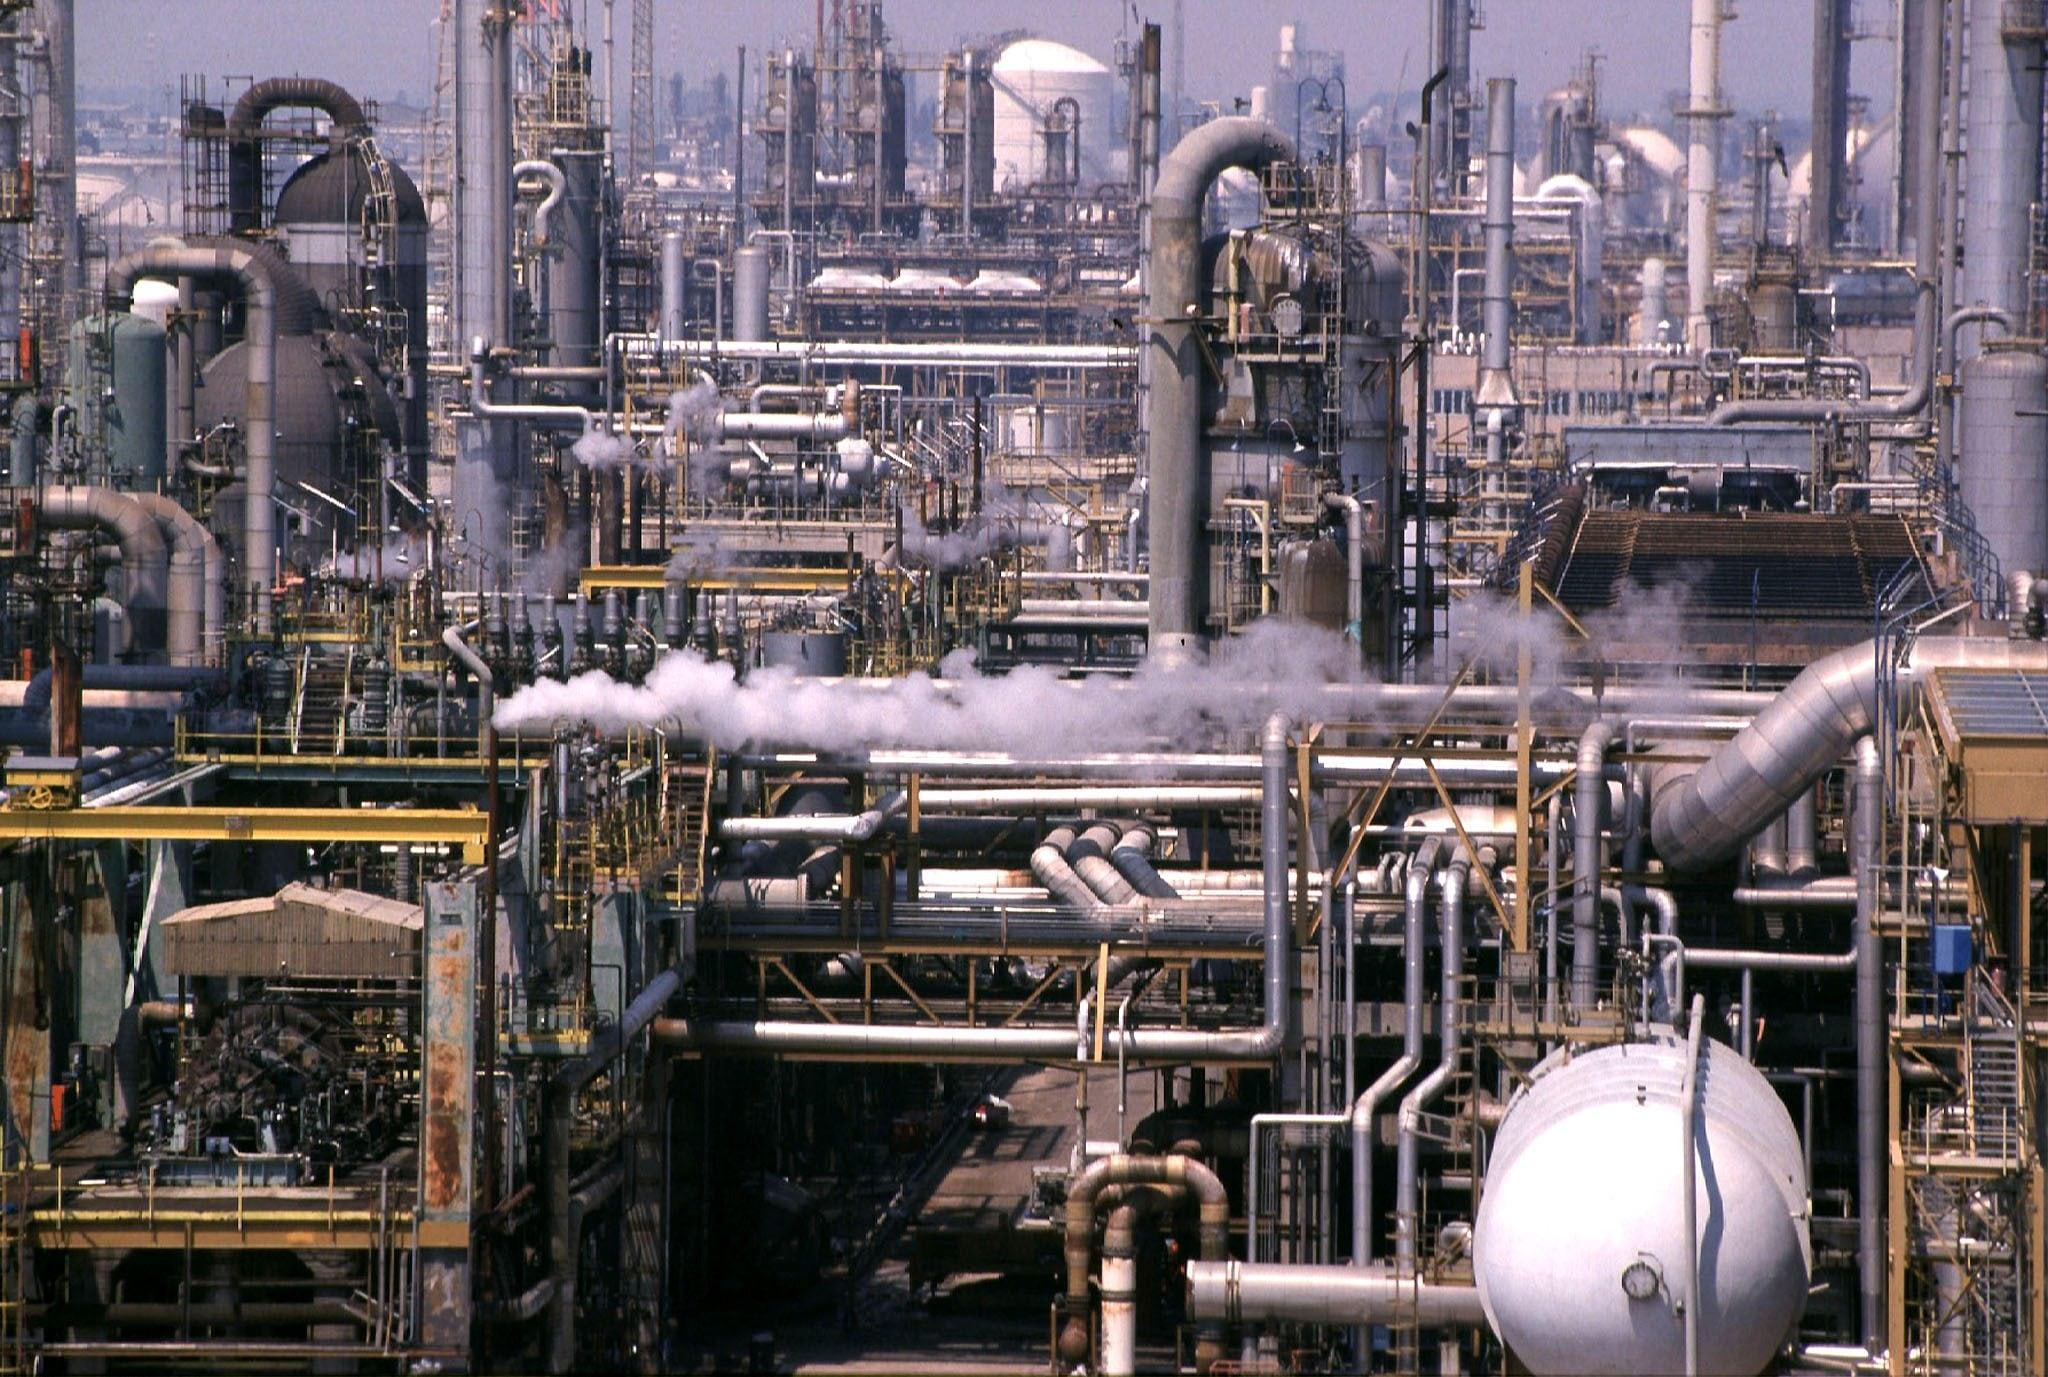 Il petrolchimico di Porto Marghera a due passi da Venezia. Per i lavori di bonifica sono necessari altri 250 milioni di euro